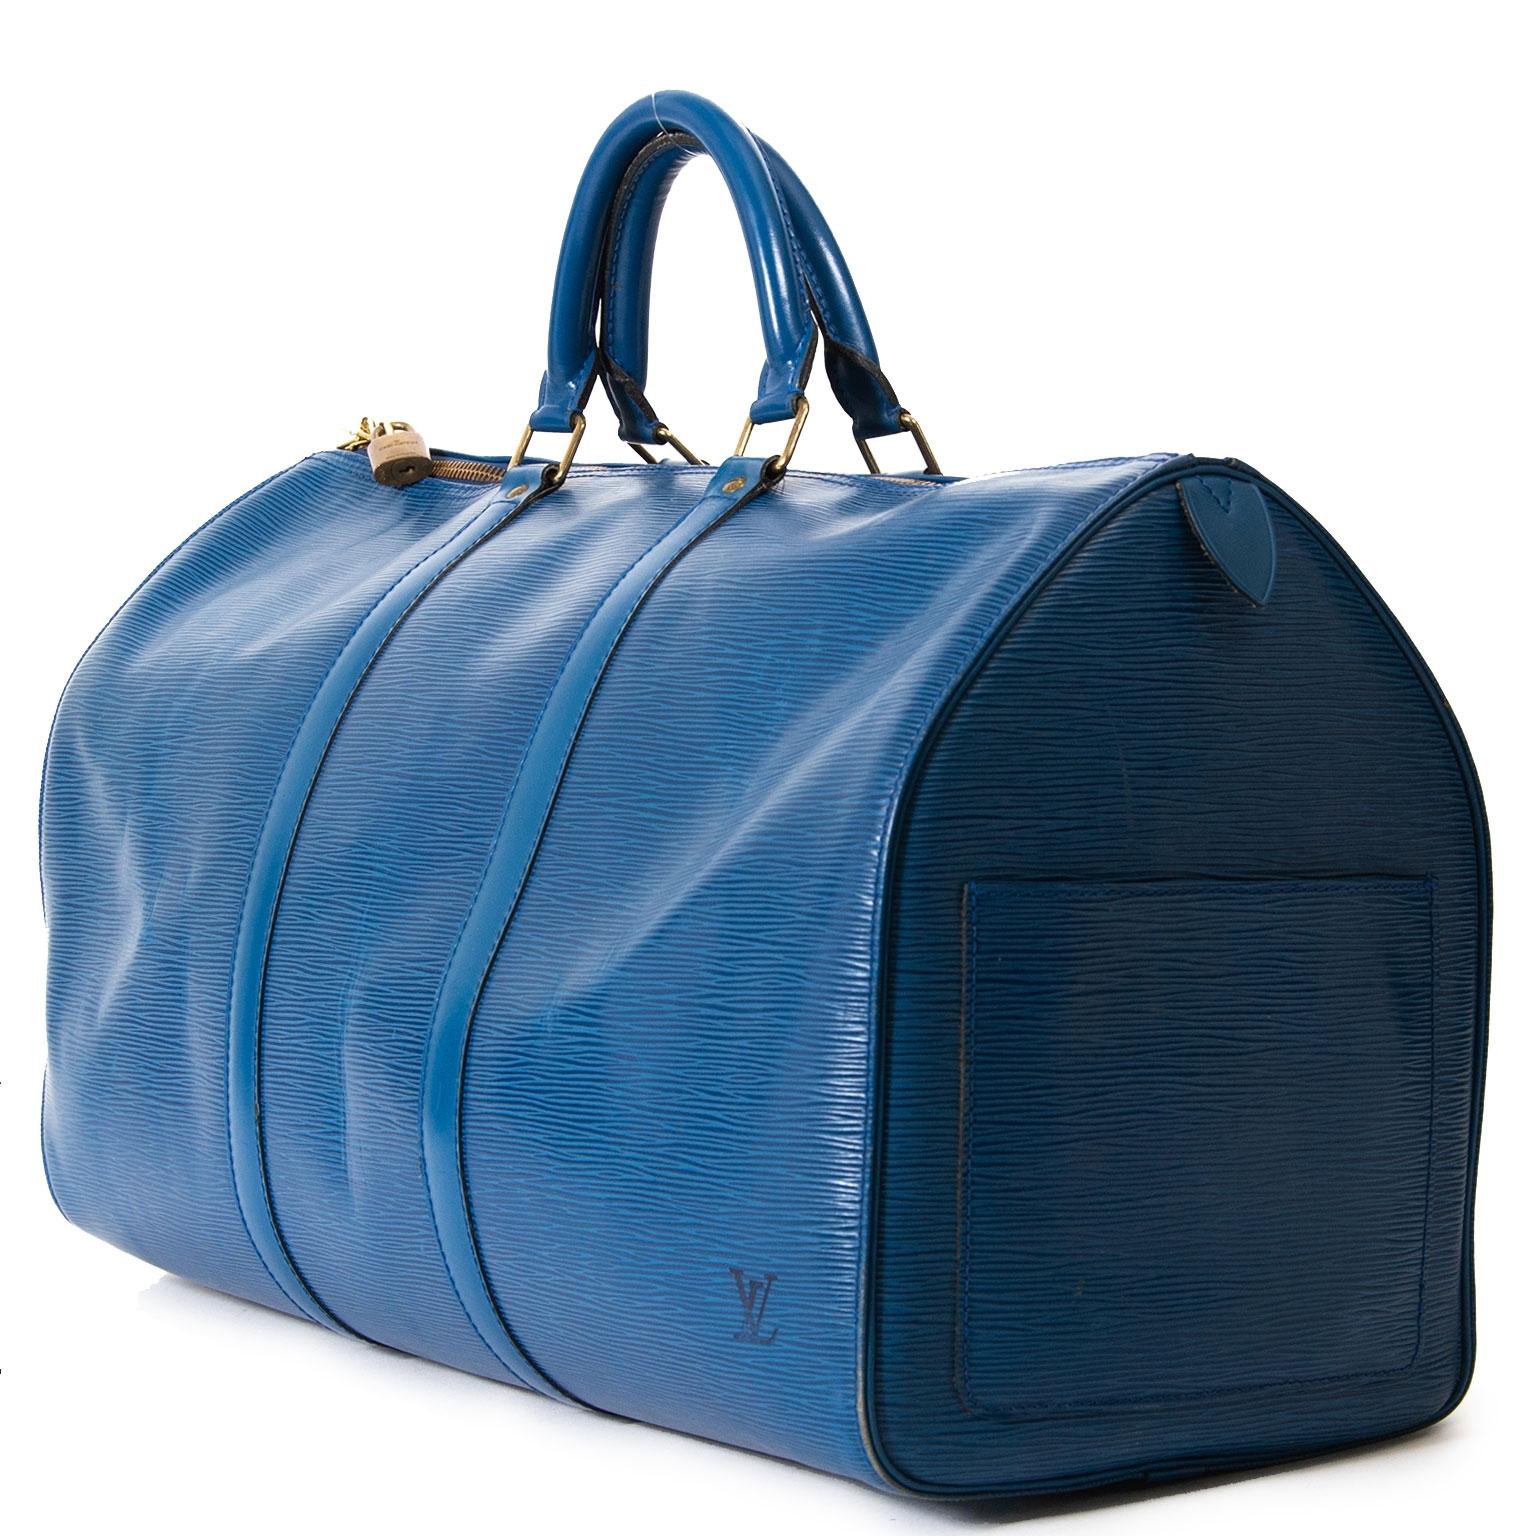 Achetez secur en ligne vitre sac  Louis Vuitton Petrol Blue Epi Leather Keepall pour le meileur prix chez Labellov a Anvers